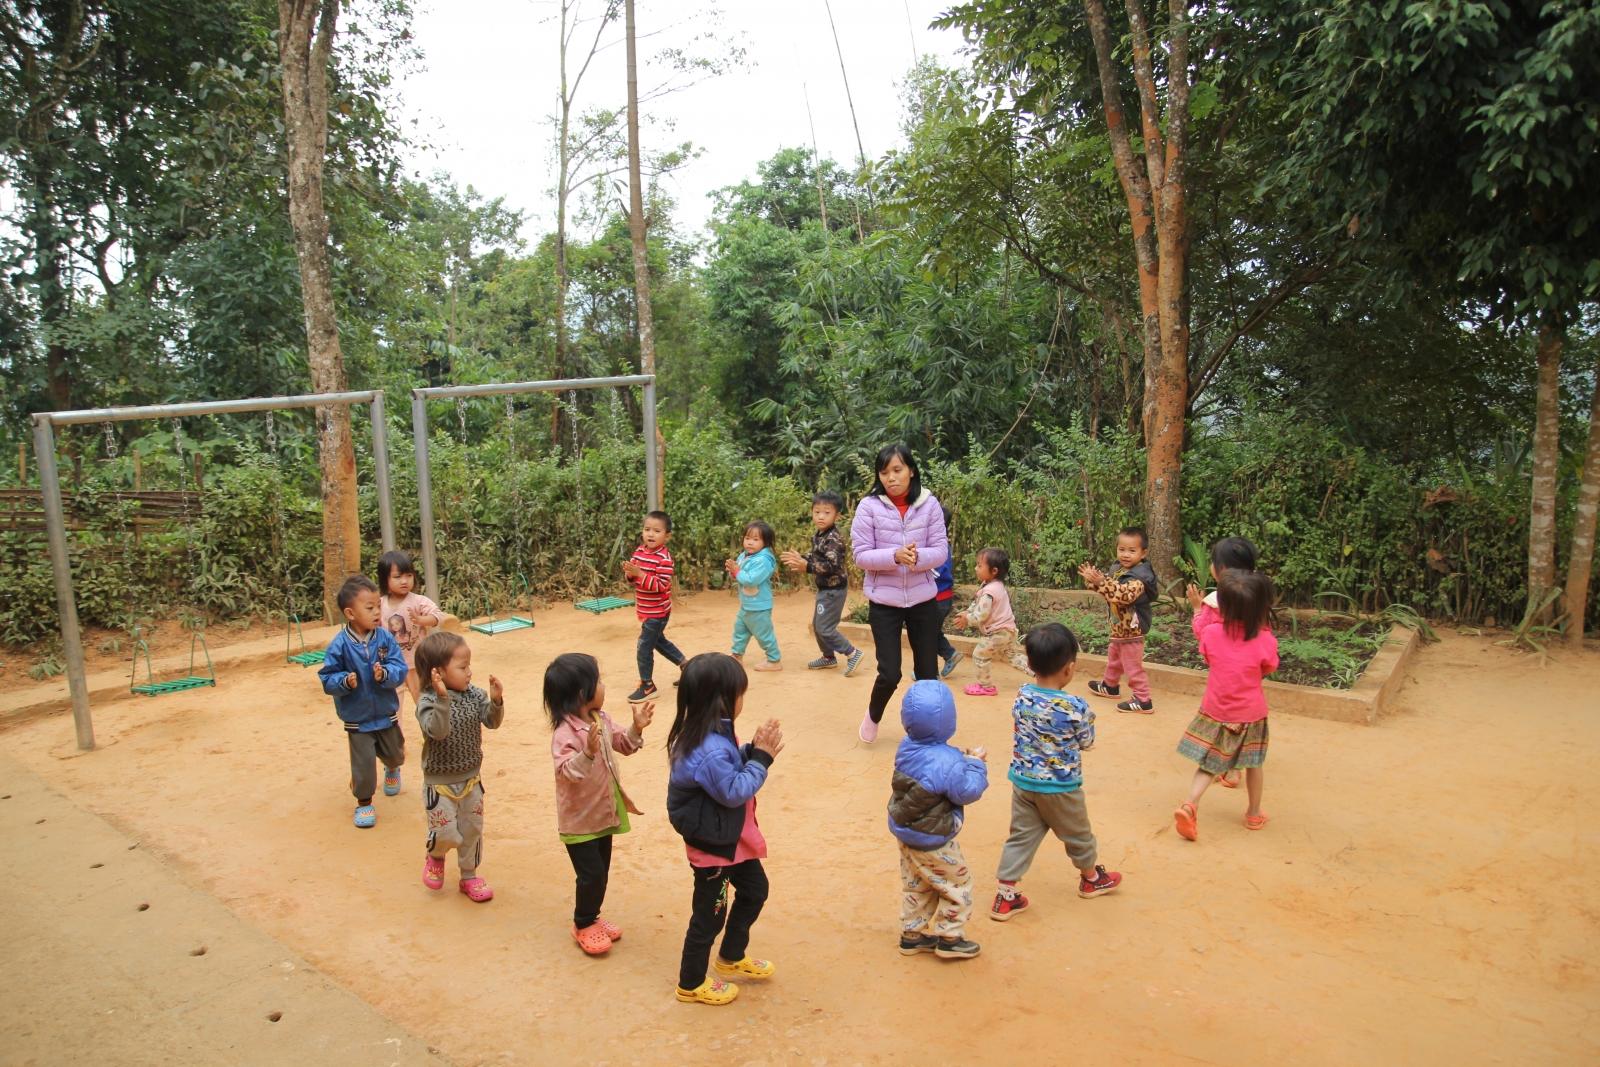 Phổ cập GDMN trẻ 5 tuổi ở Lai Châu: Thành tựu hôm nay là điểm tựa cho ngày mai